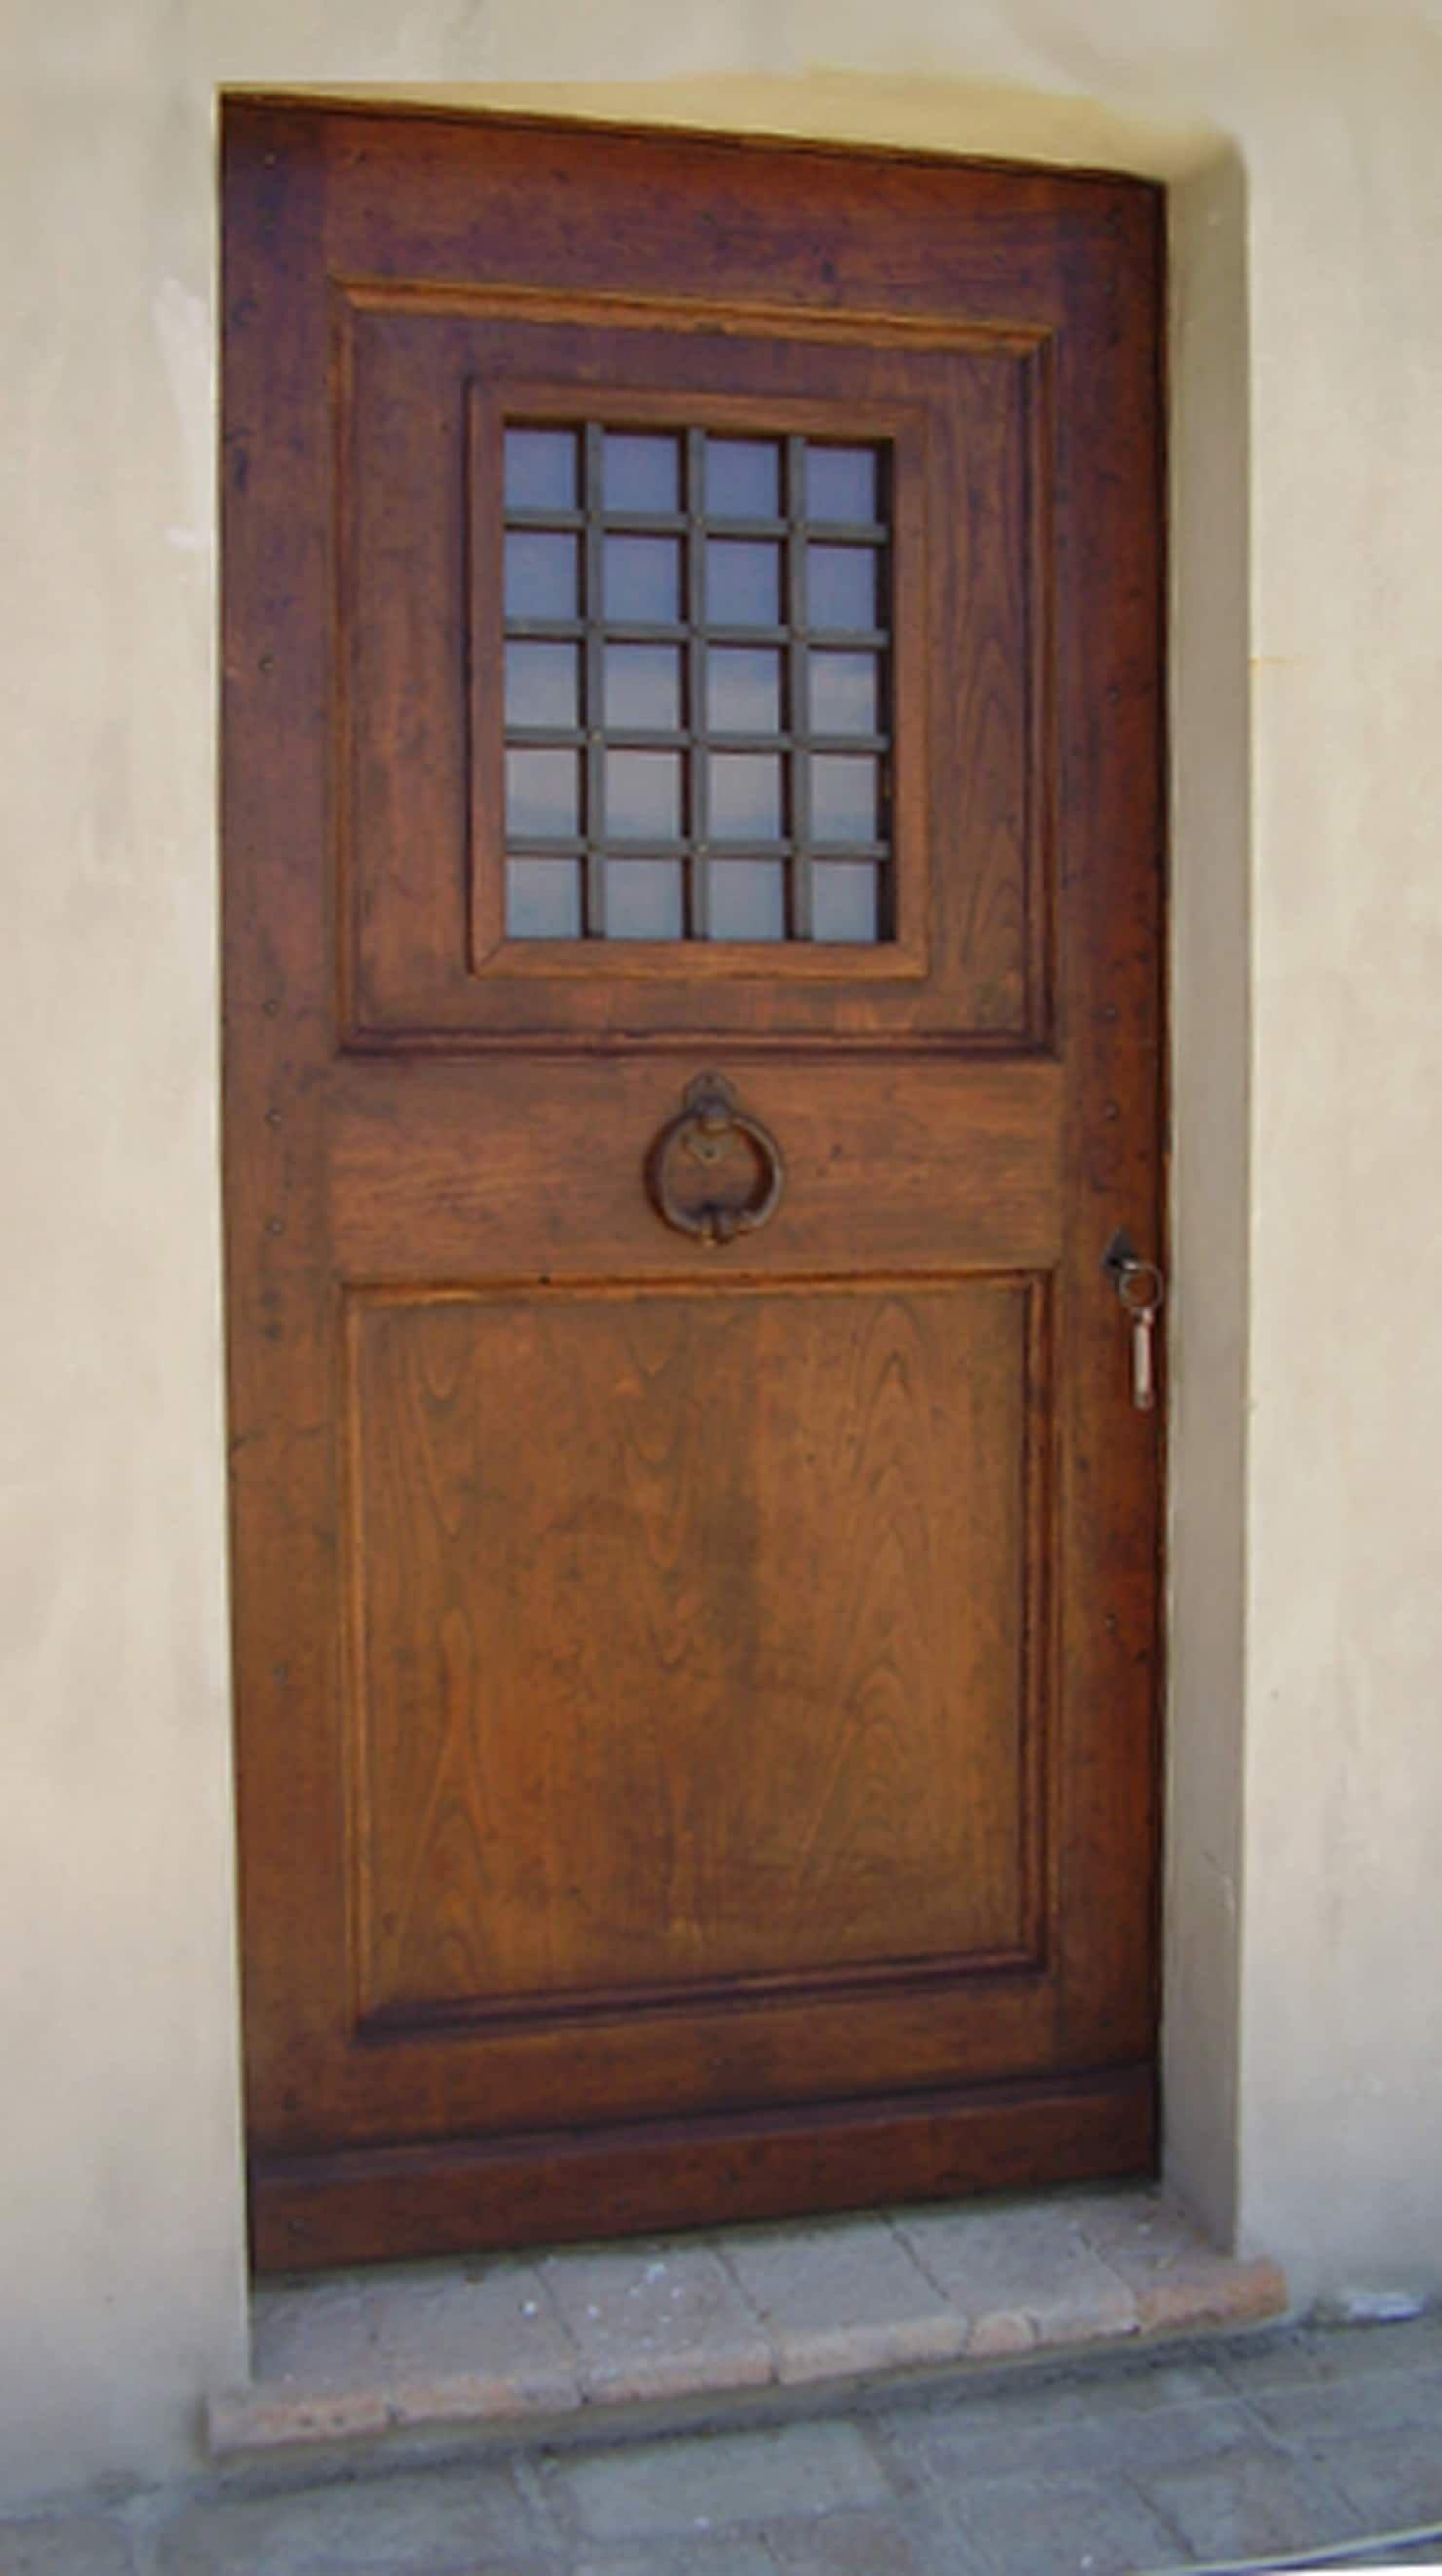 Porta Finestra Ingresso Casa portoni da esterno di porte del passato rustico | portone